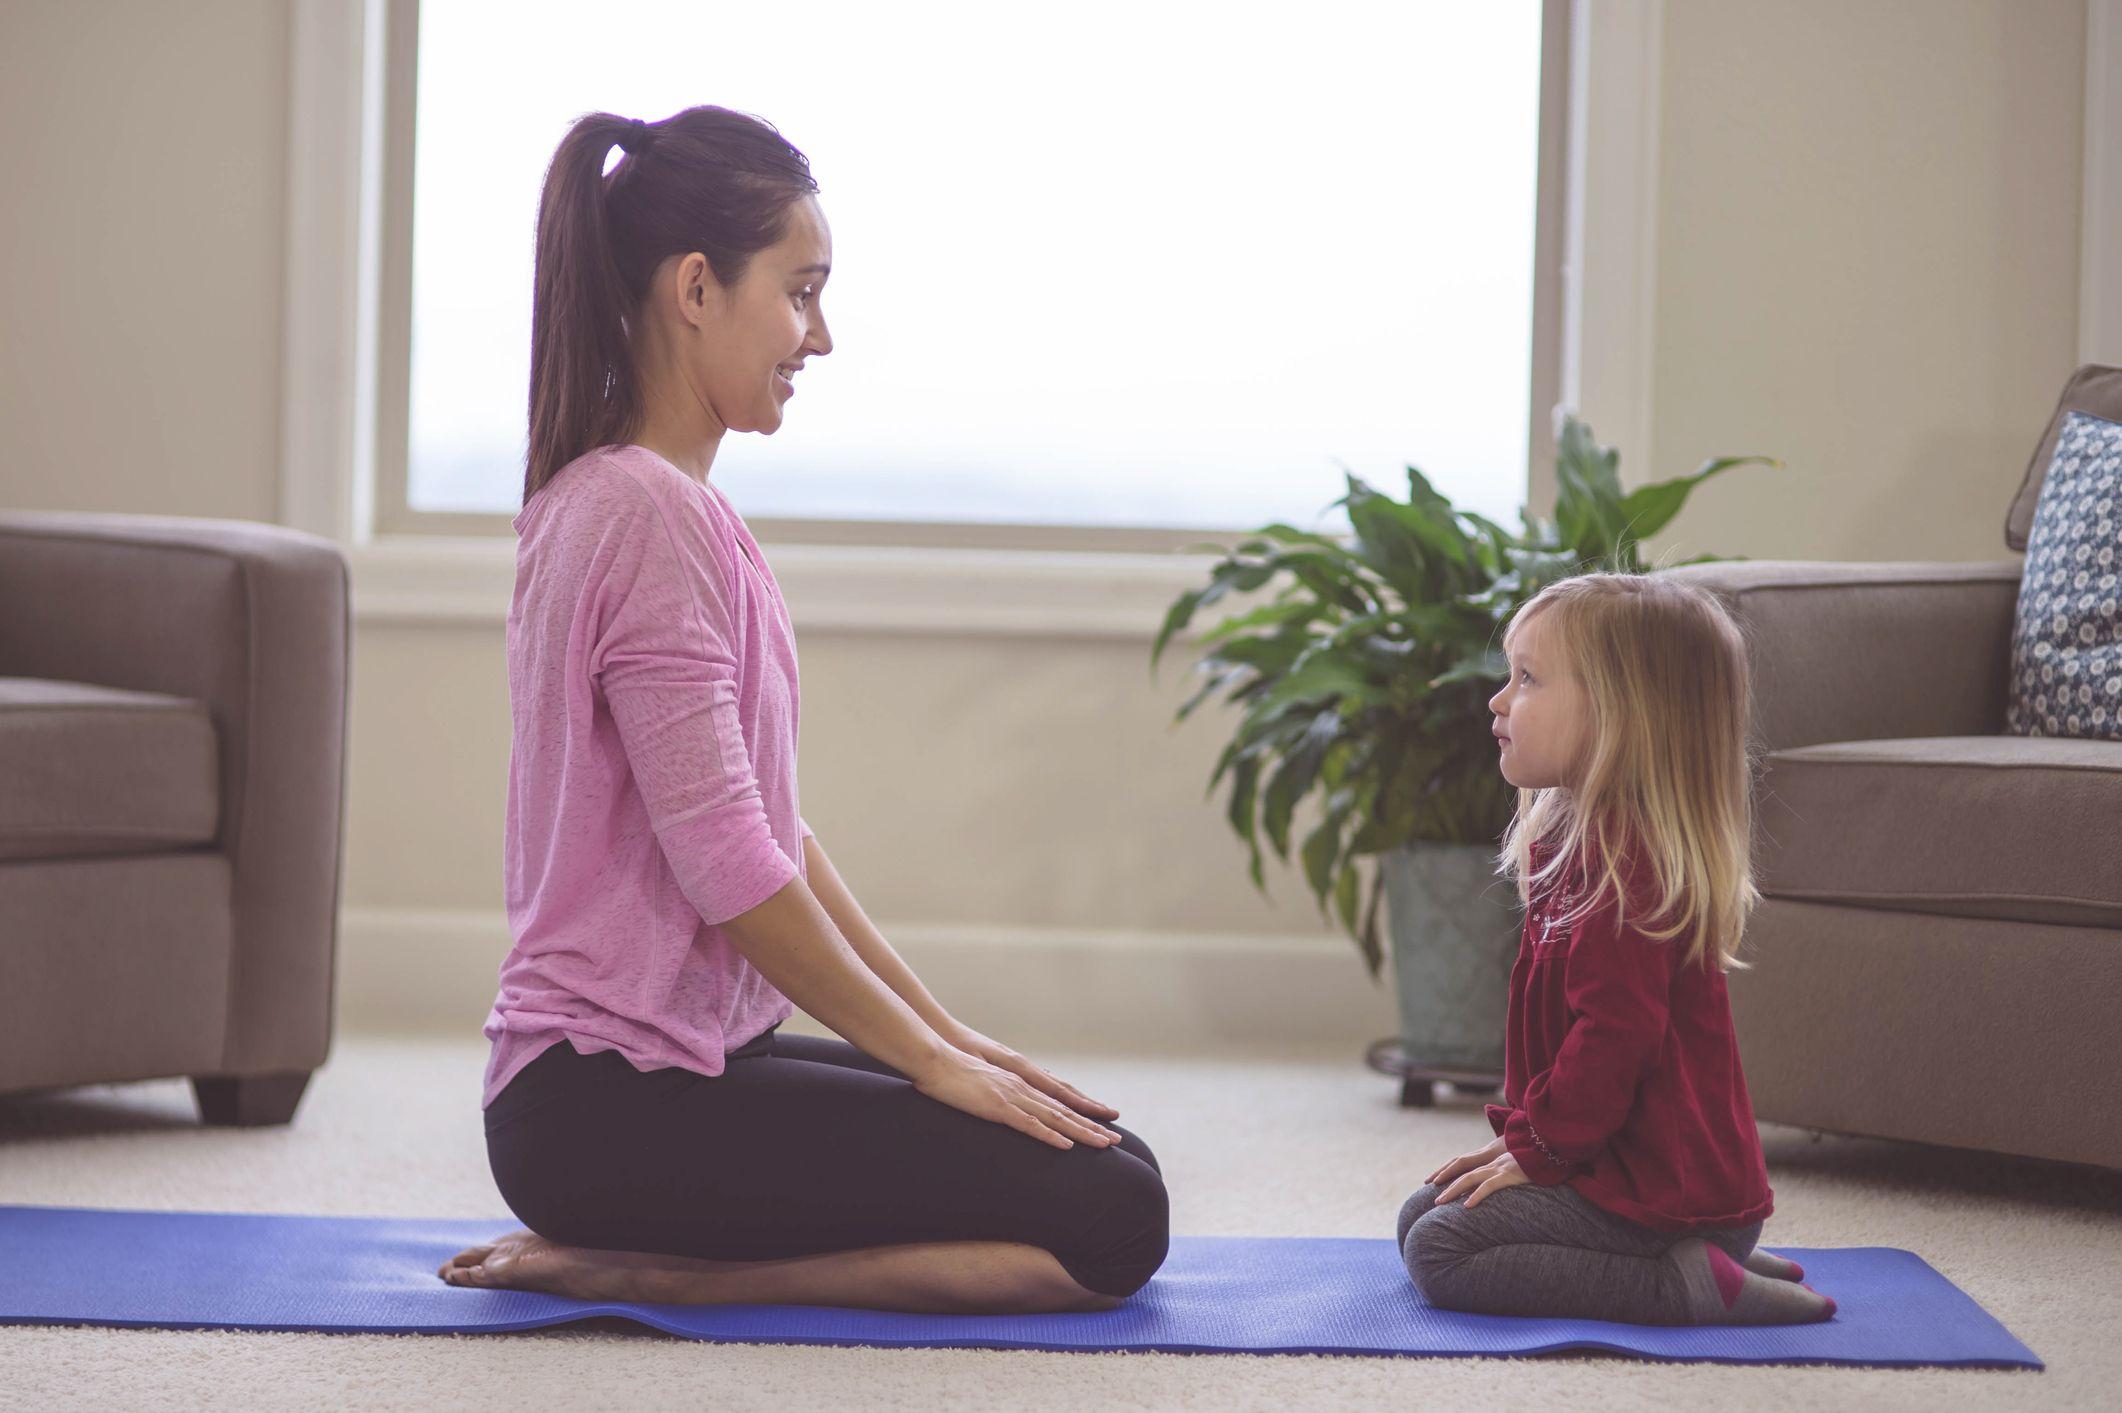 Tout le monde peut pratiquer la pleine conscience.